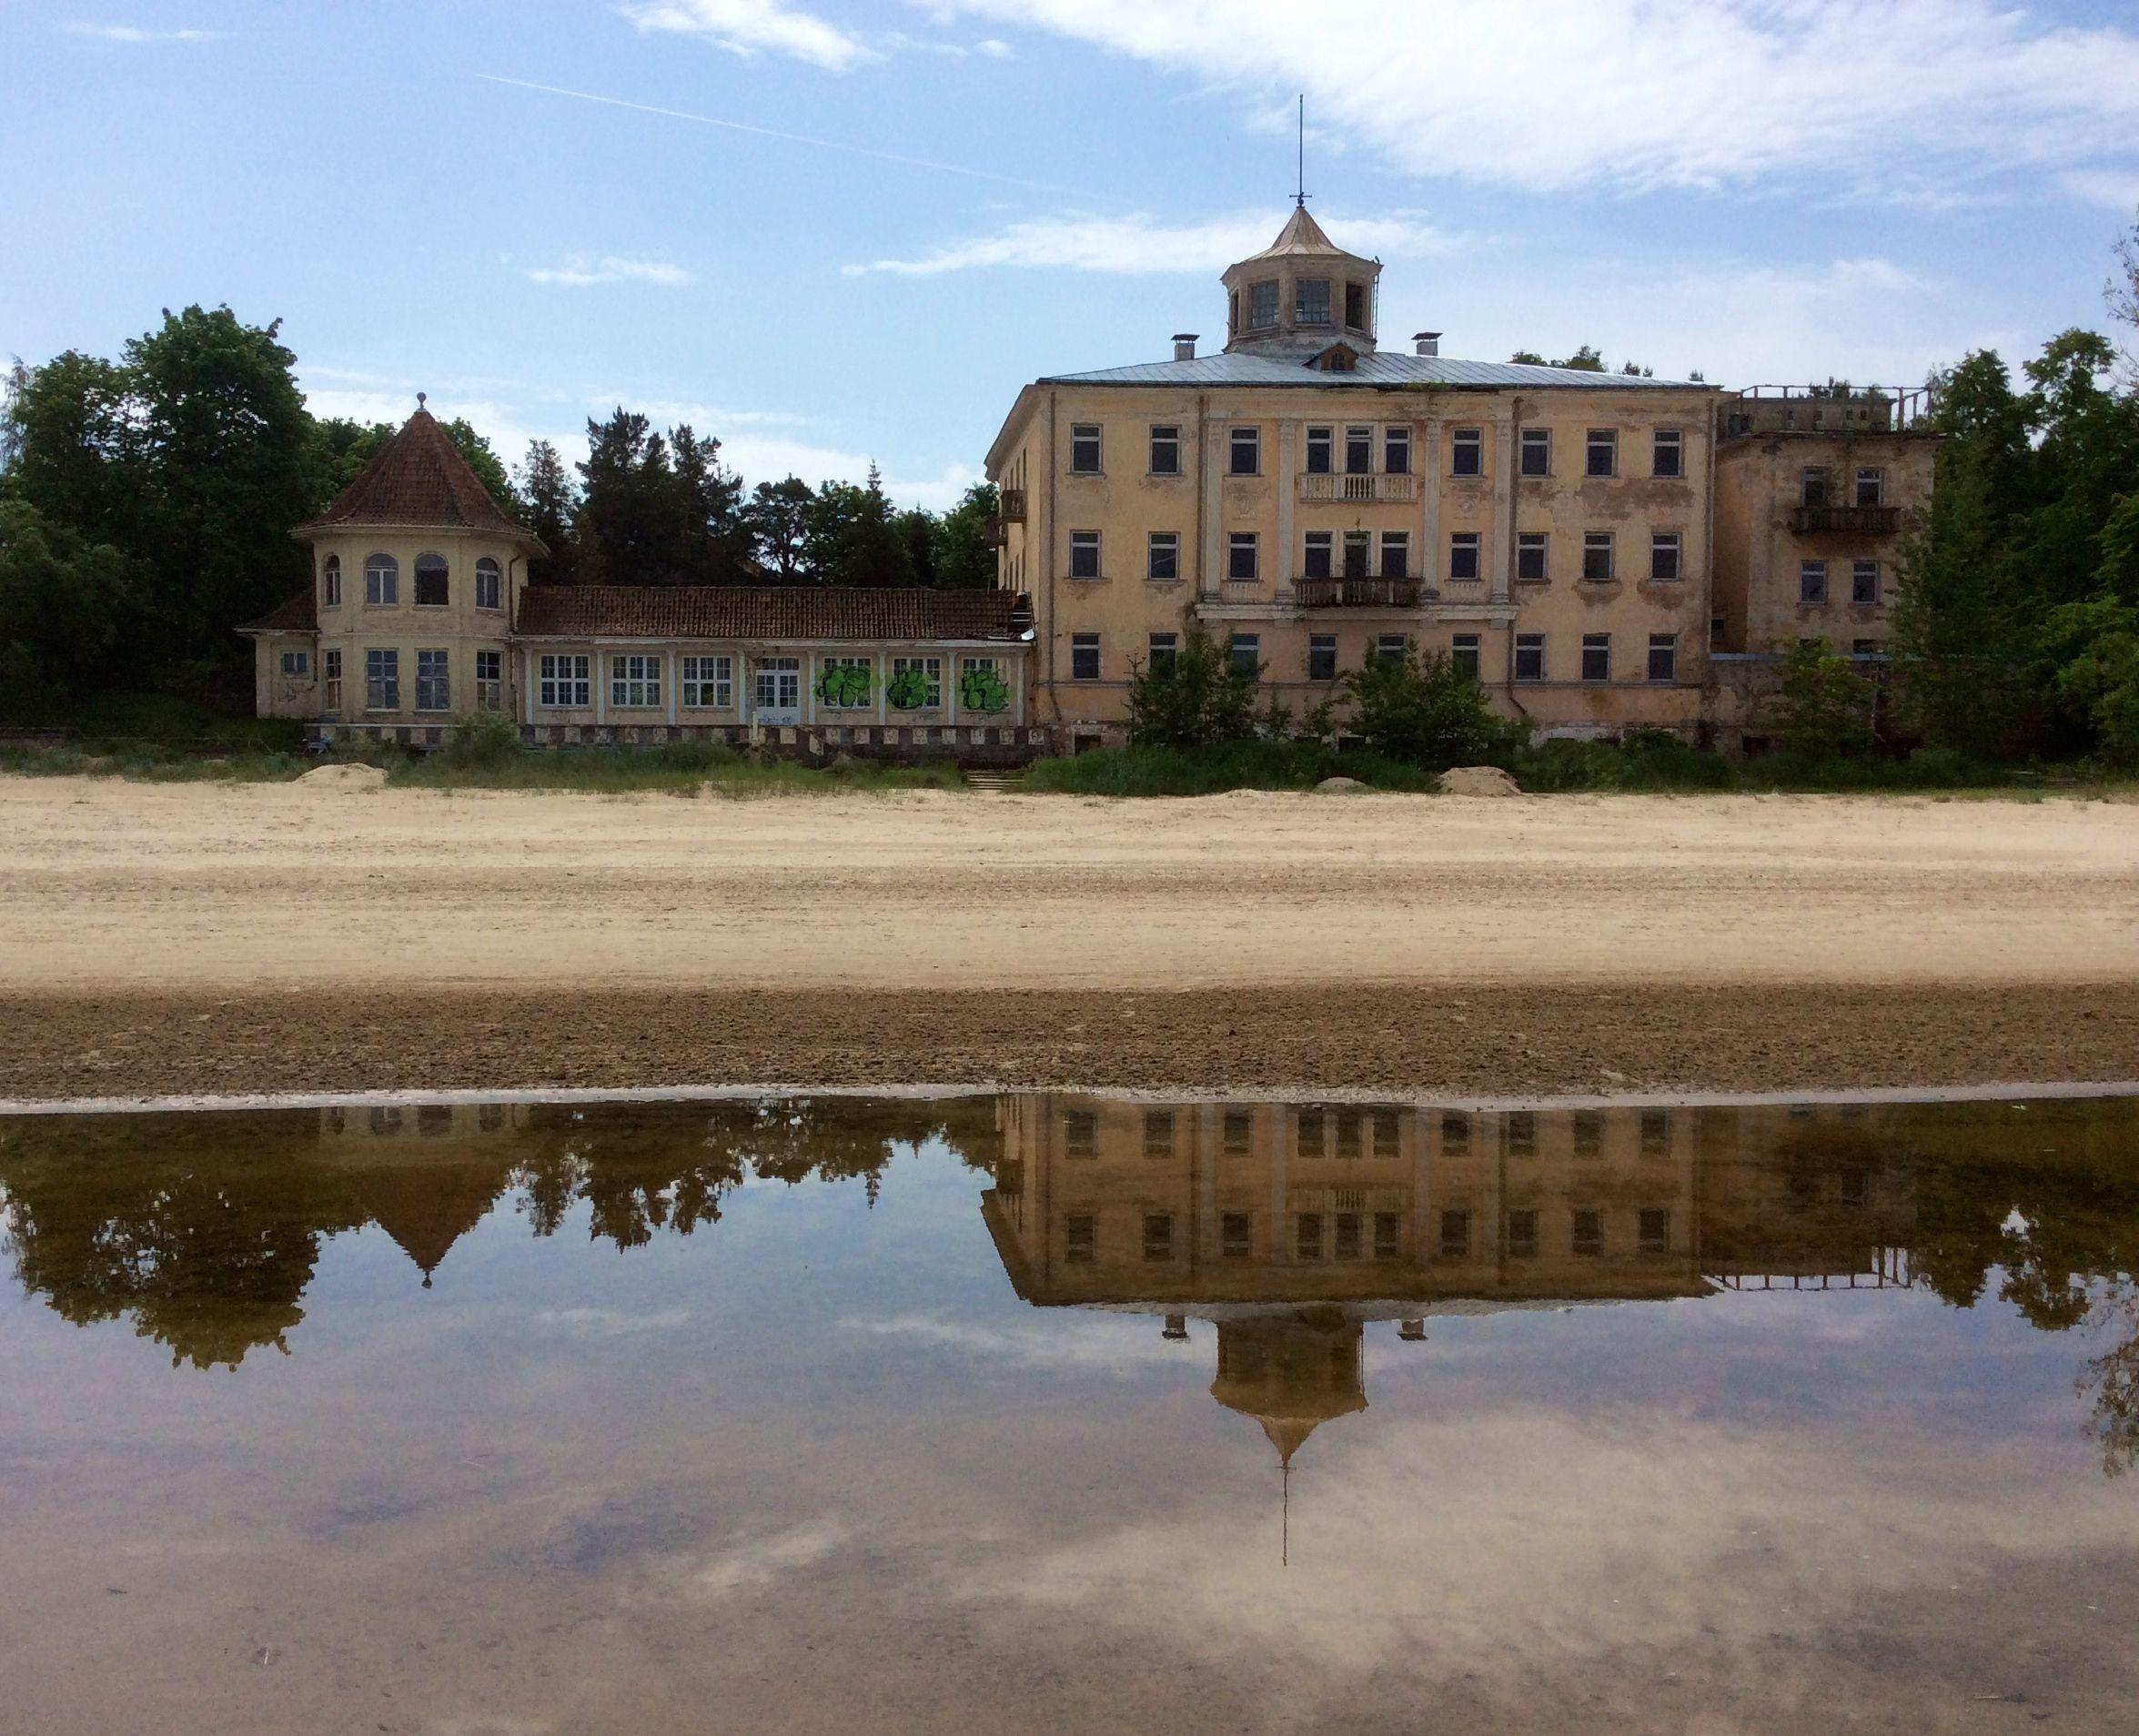 stabilimenti bella époque sulla spiaggia di Jurmala